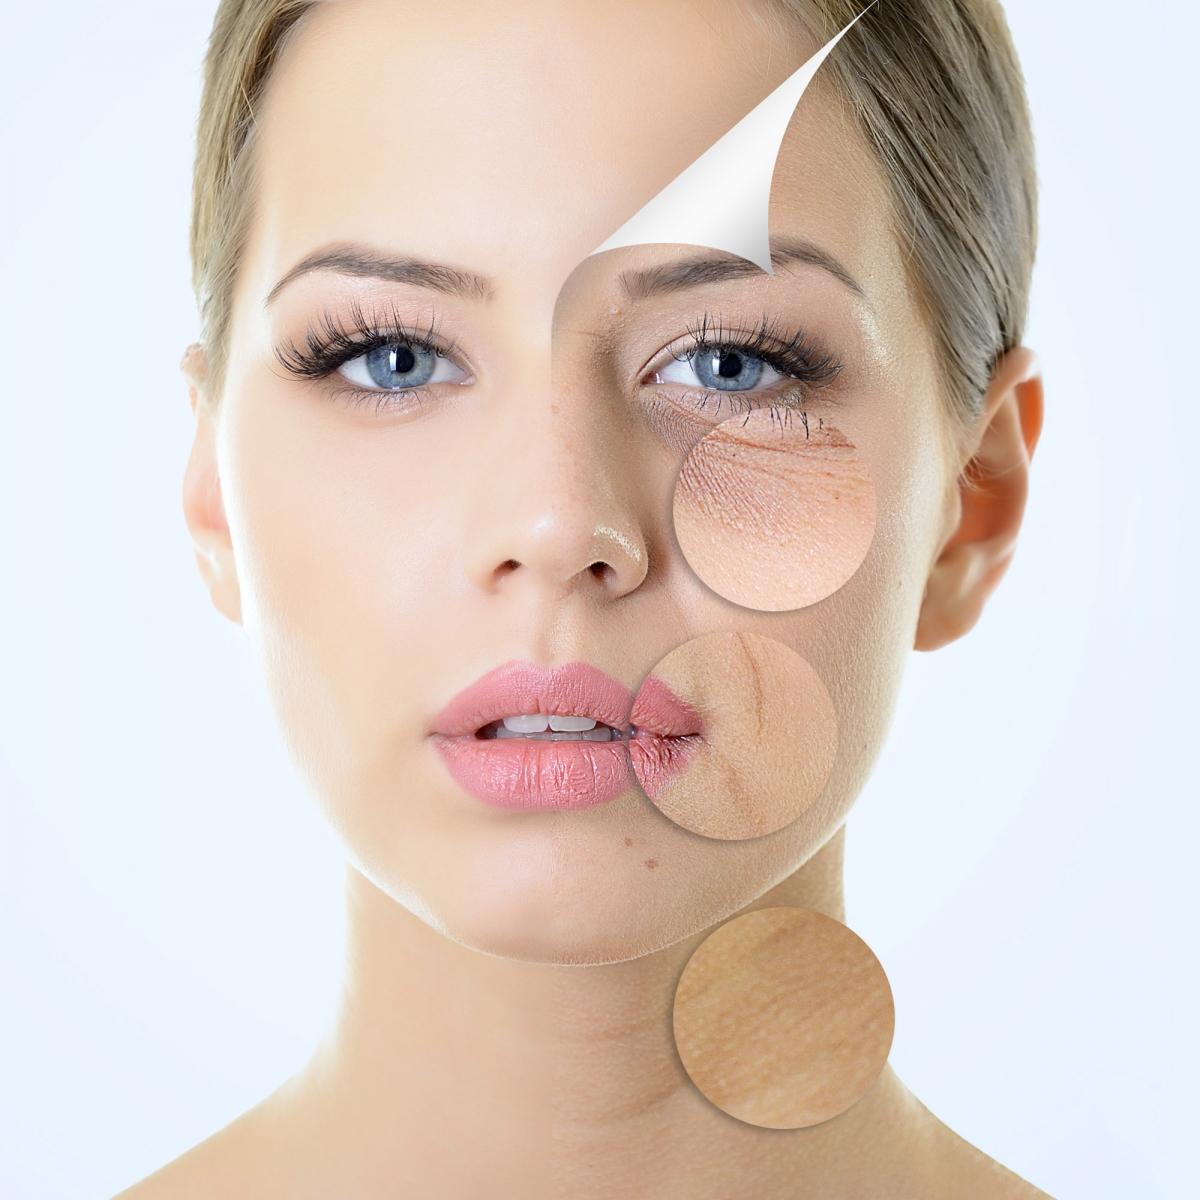 23 факта как сделать кожу здоровой и красивой